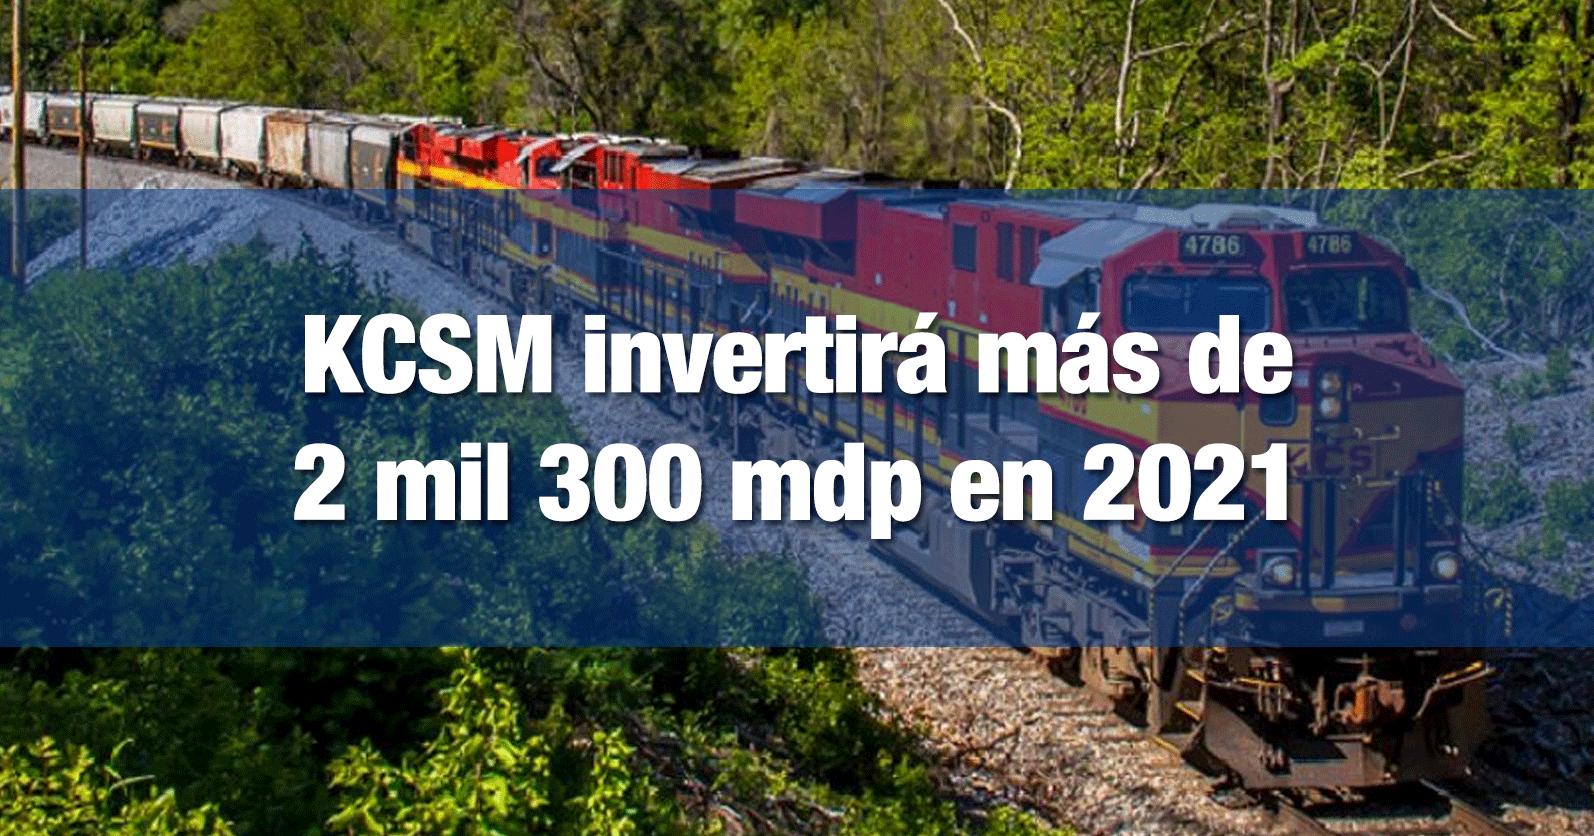 KCSM invertirá más de 2 mil 300 mdp en 2021